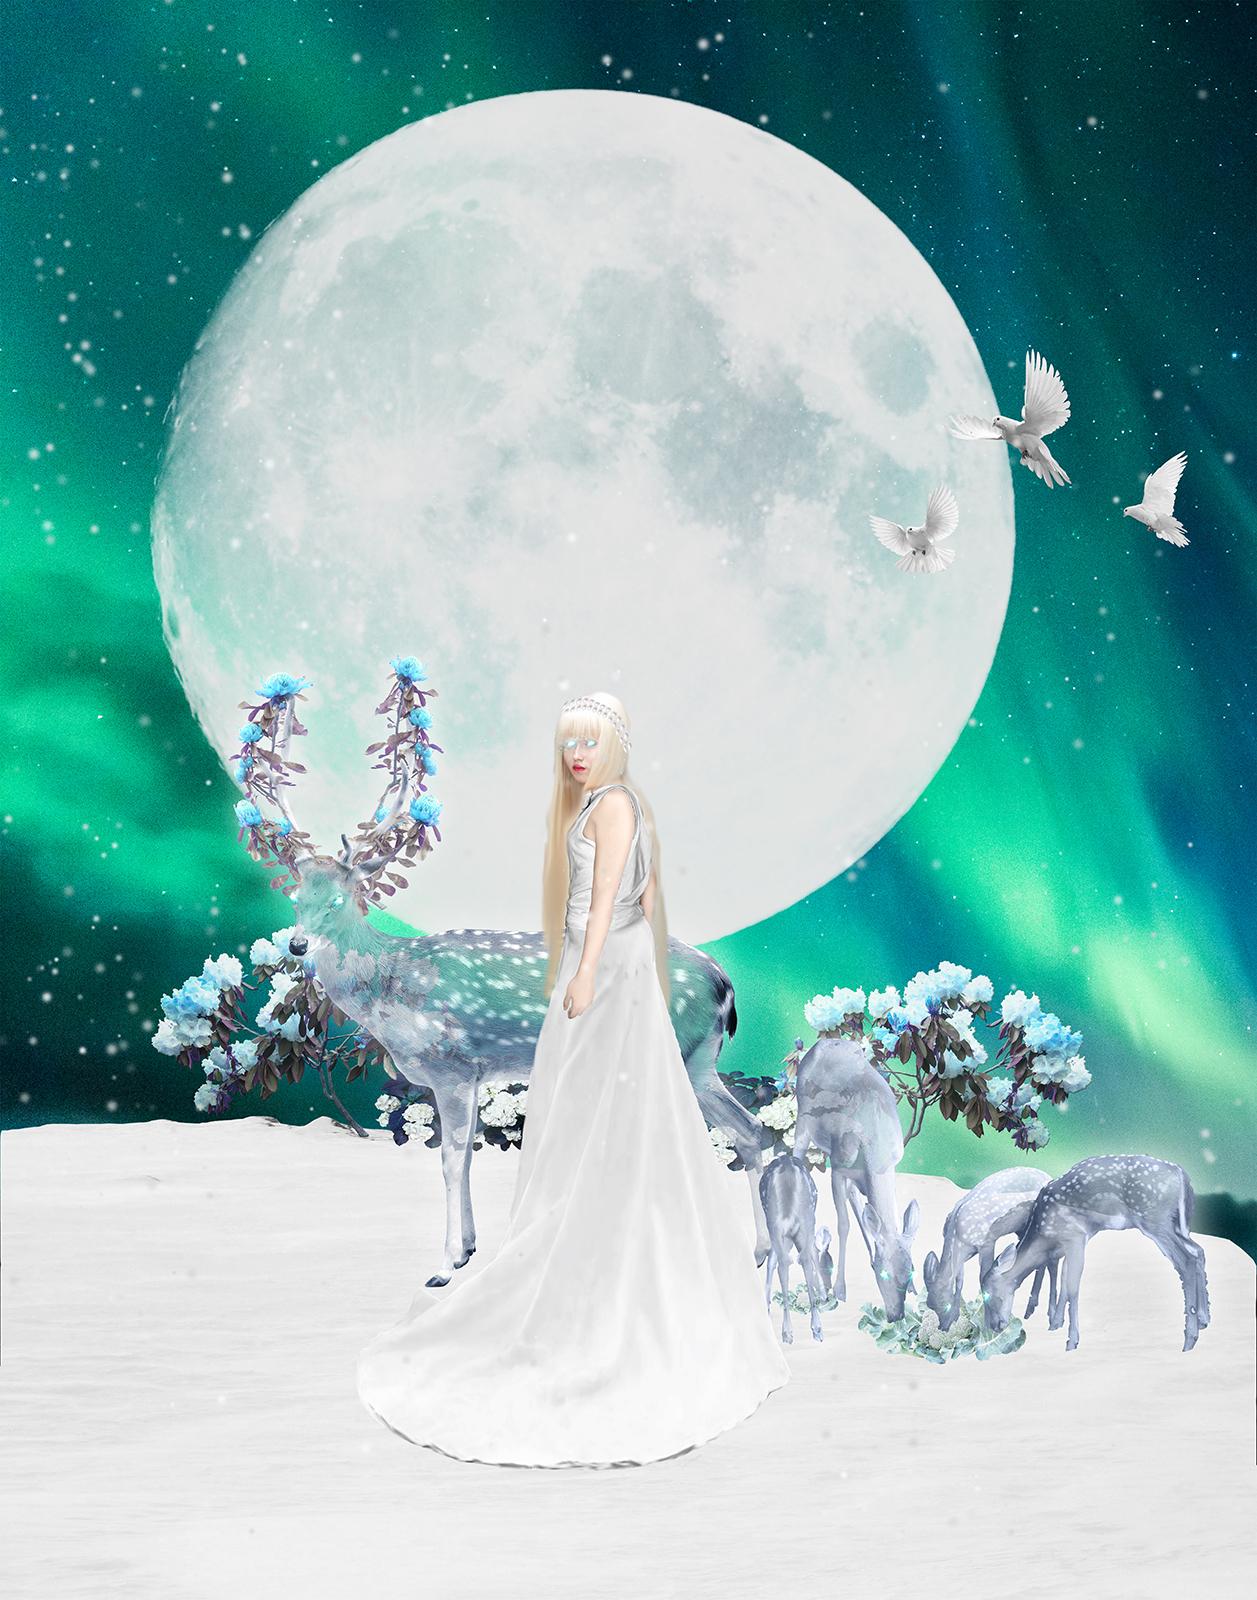 Ritaisabel snow queen 1 8954a808 xer6